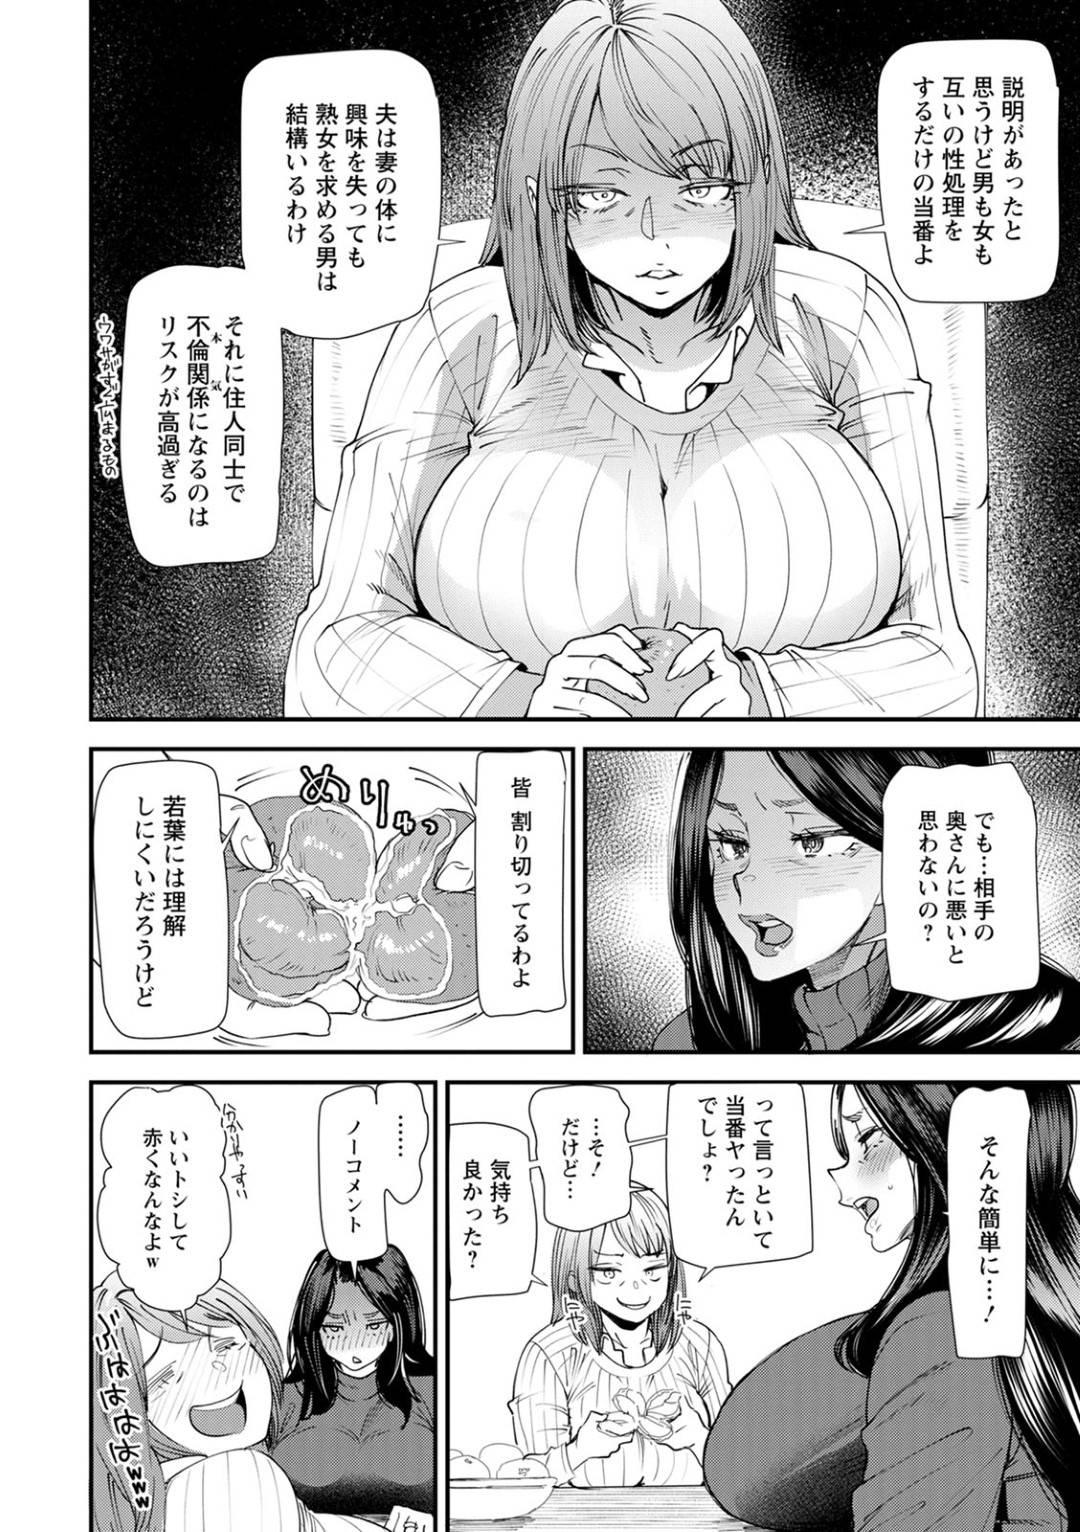 【エロ漫画】性欲処理当番になった美人巨乳人妻…最初は戸惑いがあったものの同じく当番をしている姉に相談してセックスを楽しむ前向きな気持ちを持つことに!【大嶋亮】